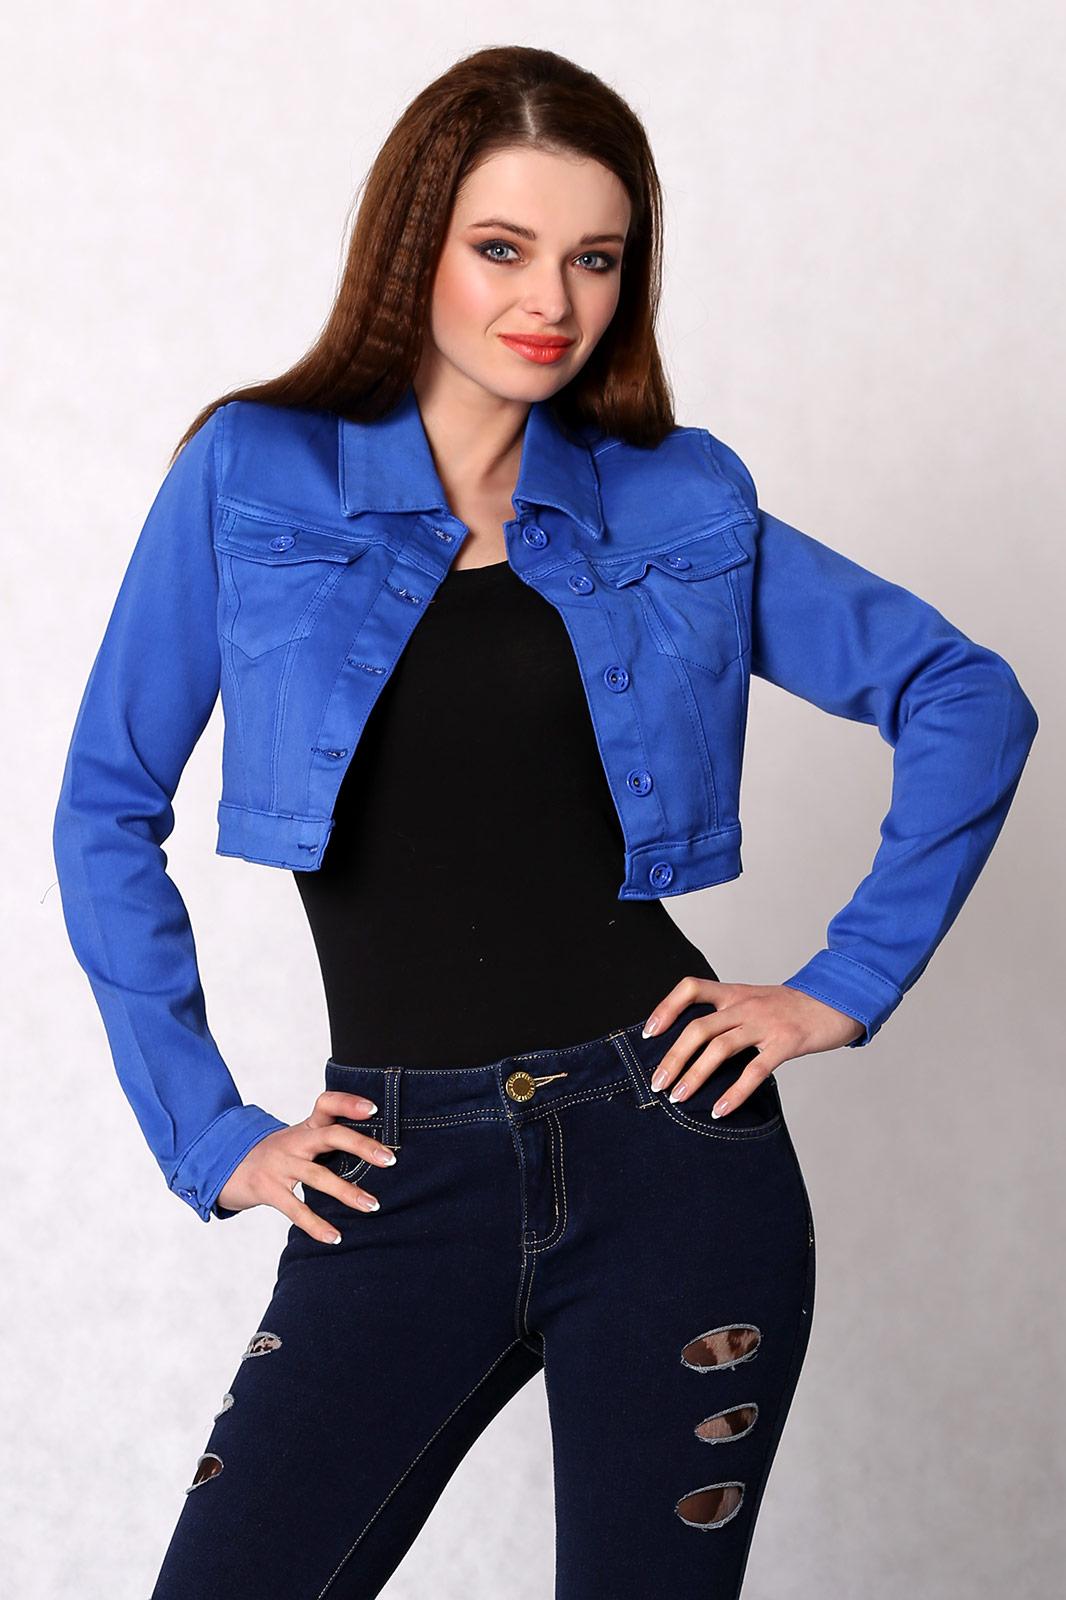 Sinine lühike teksajakk